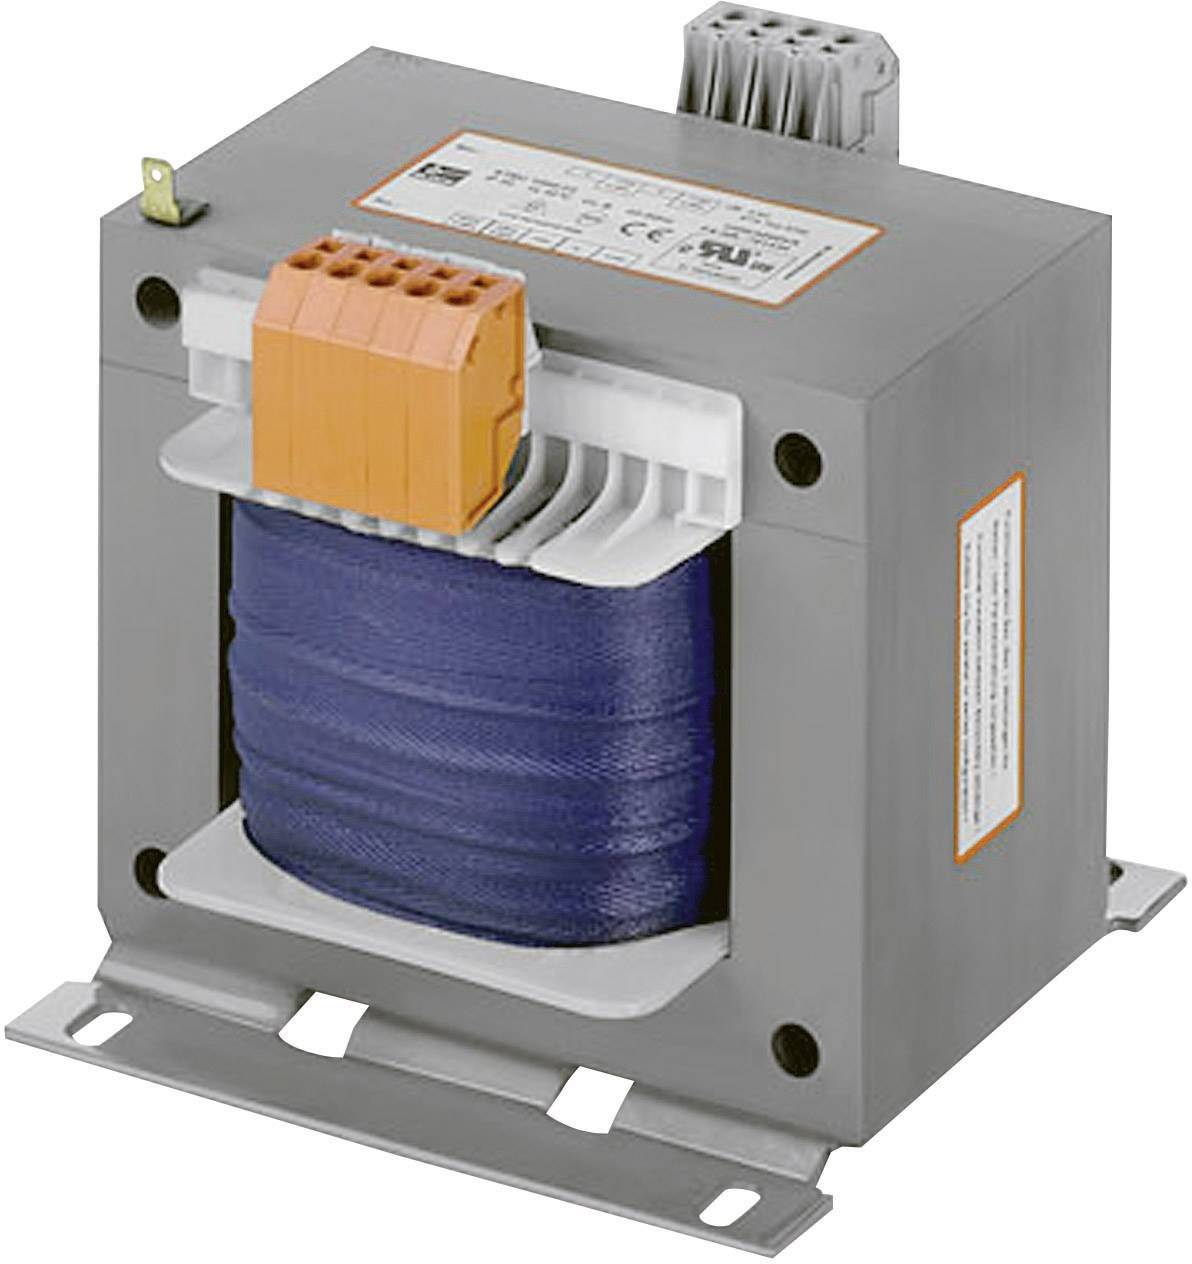 Bezpečnostný transformátor, riadiaci transformátor, izolačný transformátor Block STEU 63/24, 63 VA